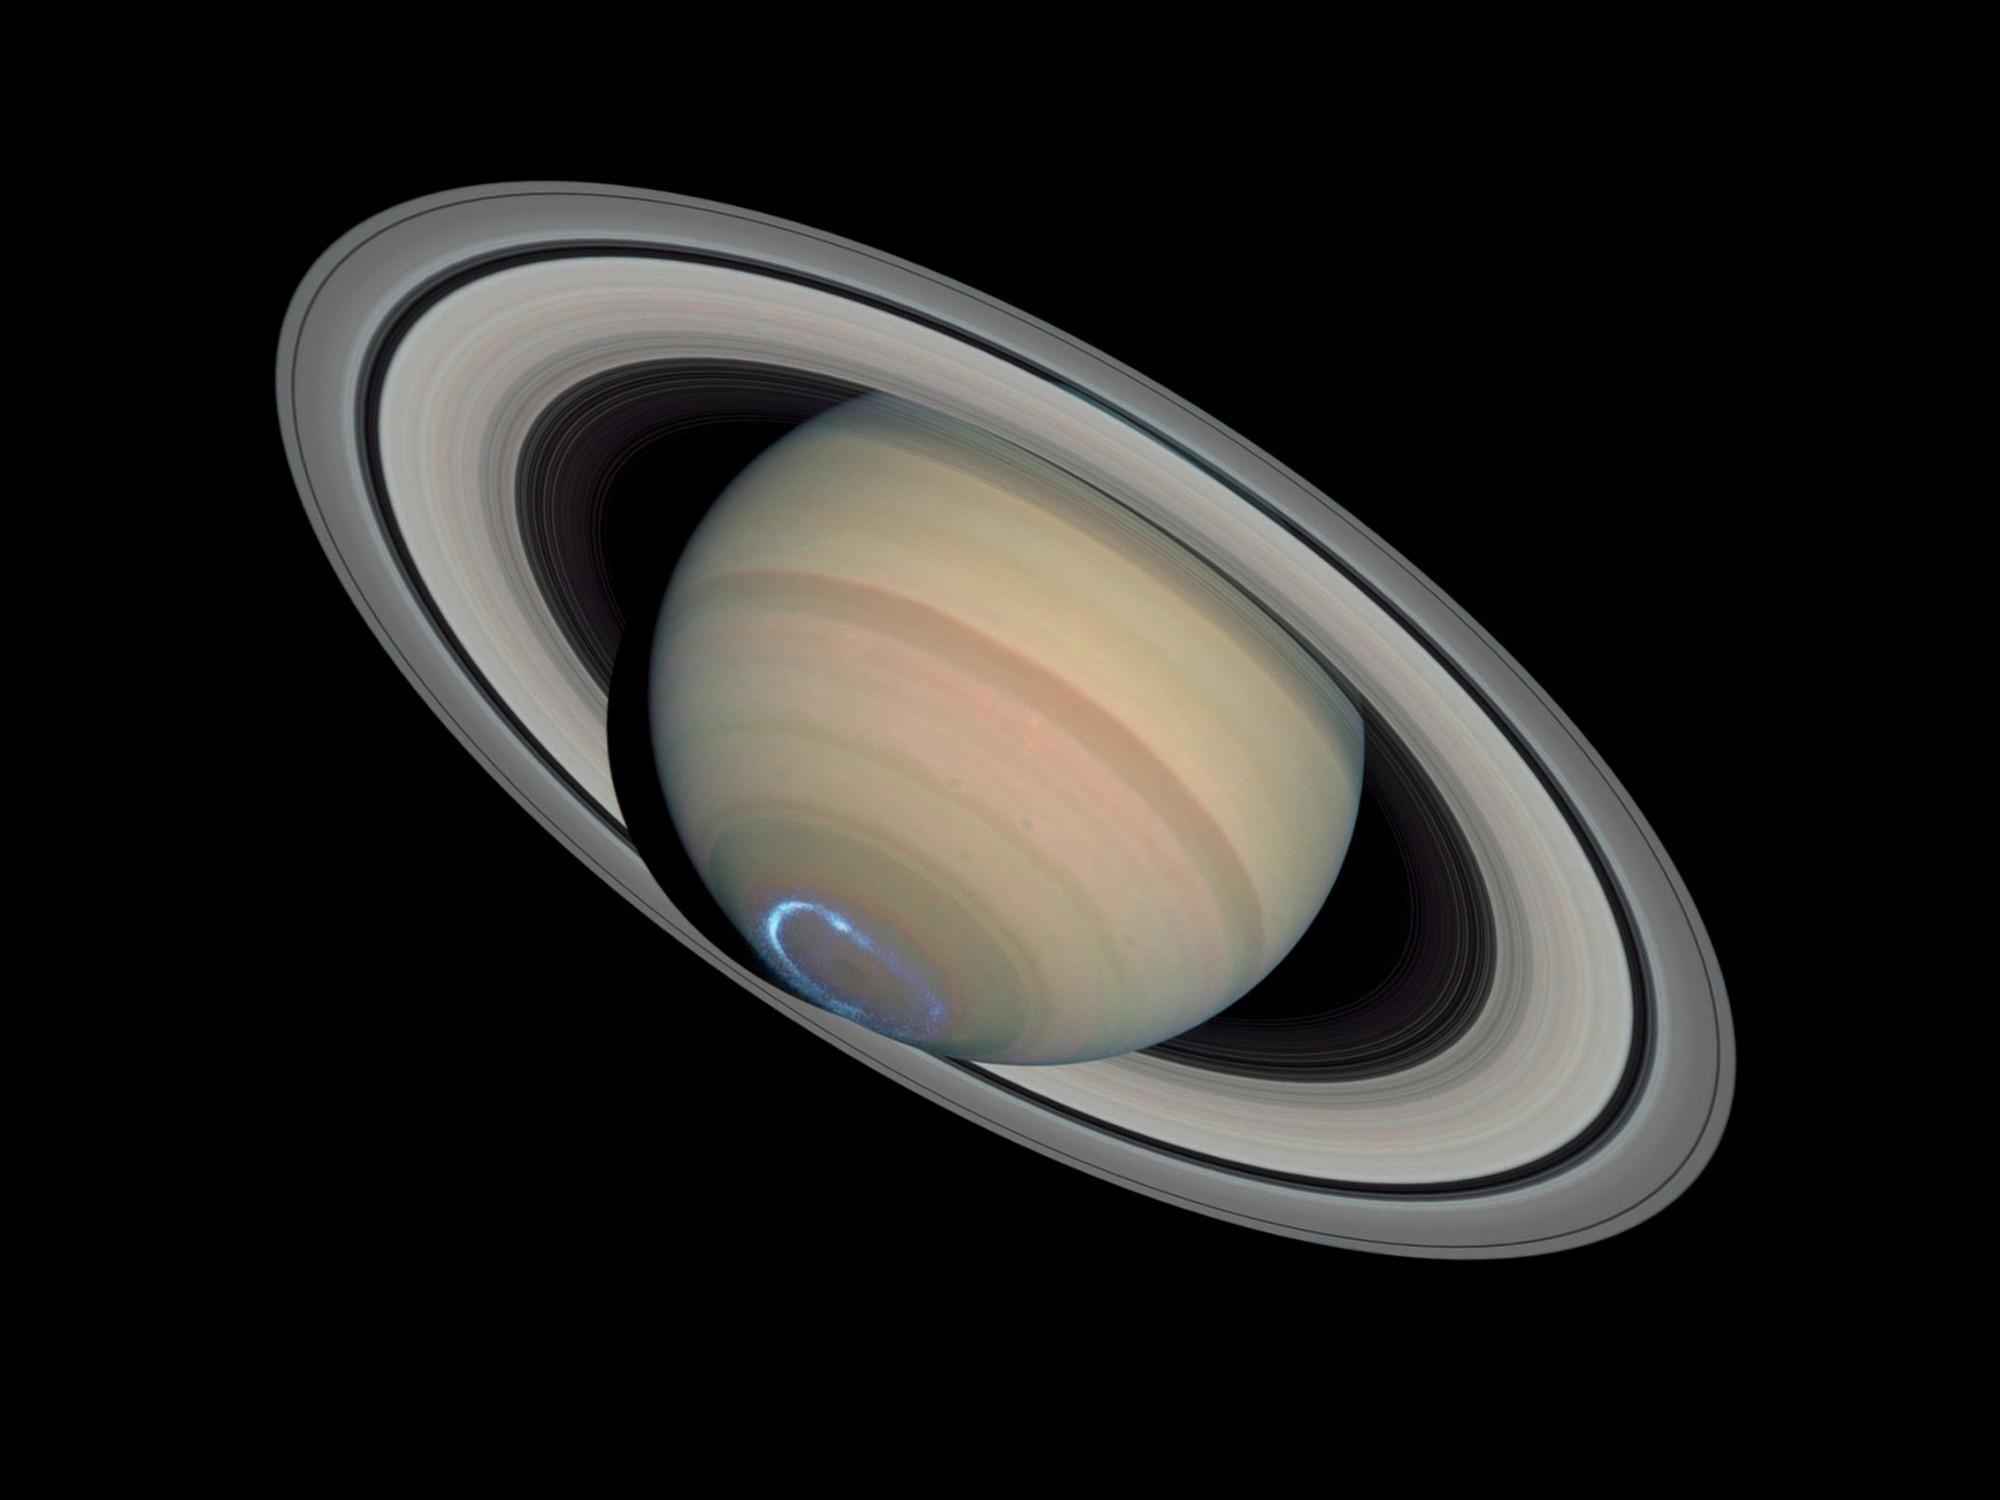 """为什么土星会有光环?科学家发现,原来是这颗卫星""""惹的祸"""""""